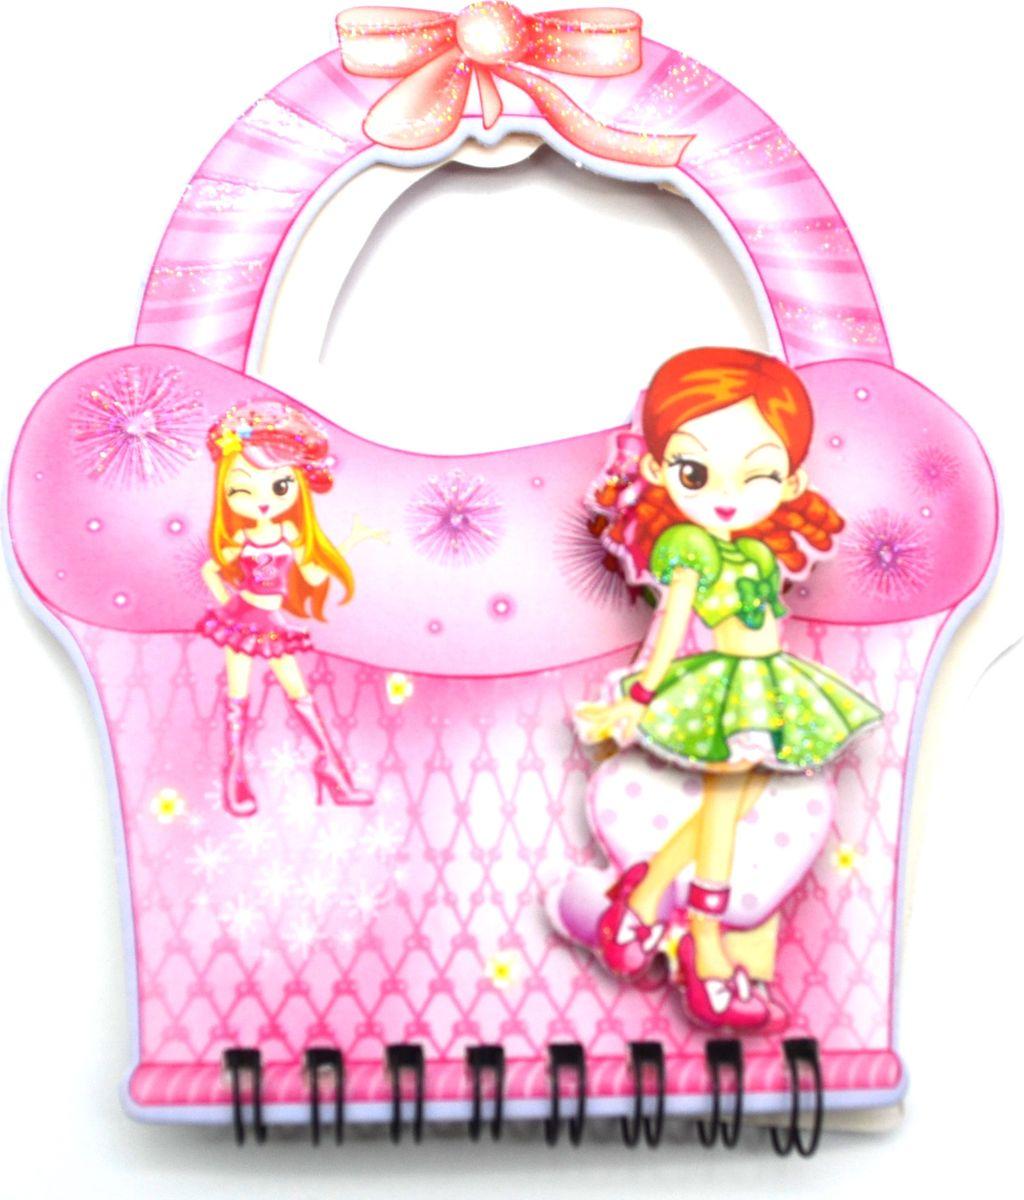 Zhelang Блокнот Девочка на розовой корзинке 2 60 листов в линейку8360СБлокнот с объемным изображением фигурки девочки выполнен в виде корзинки с ручками (60 листов). Листочки окрашены в голубой и зеленый цвета